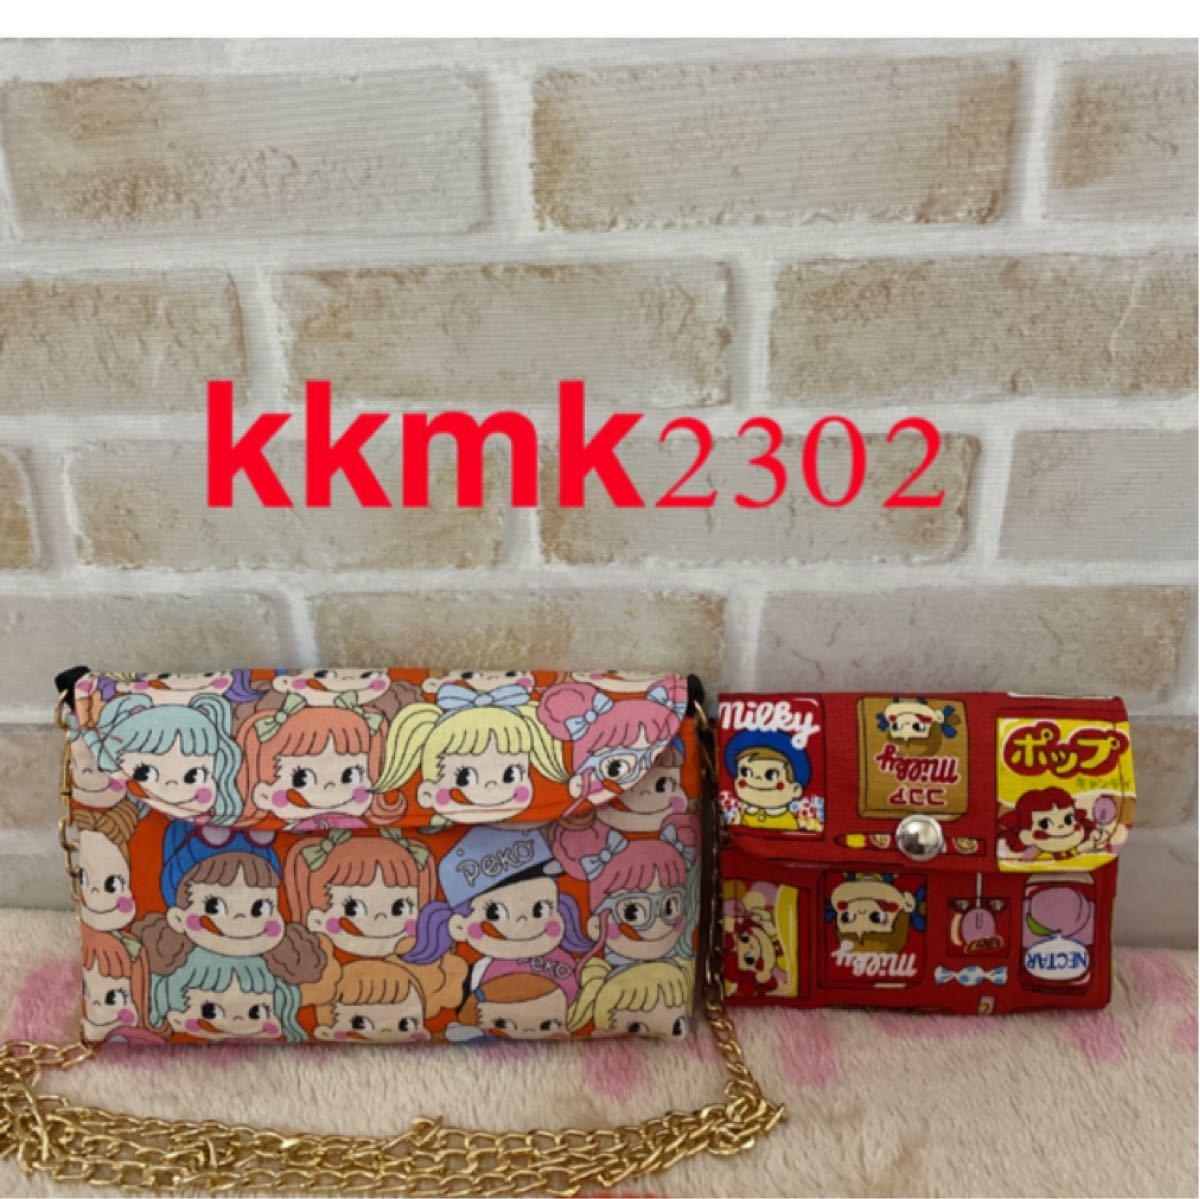 kkmk2302様専用1番